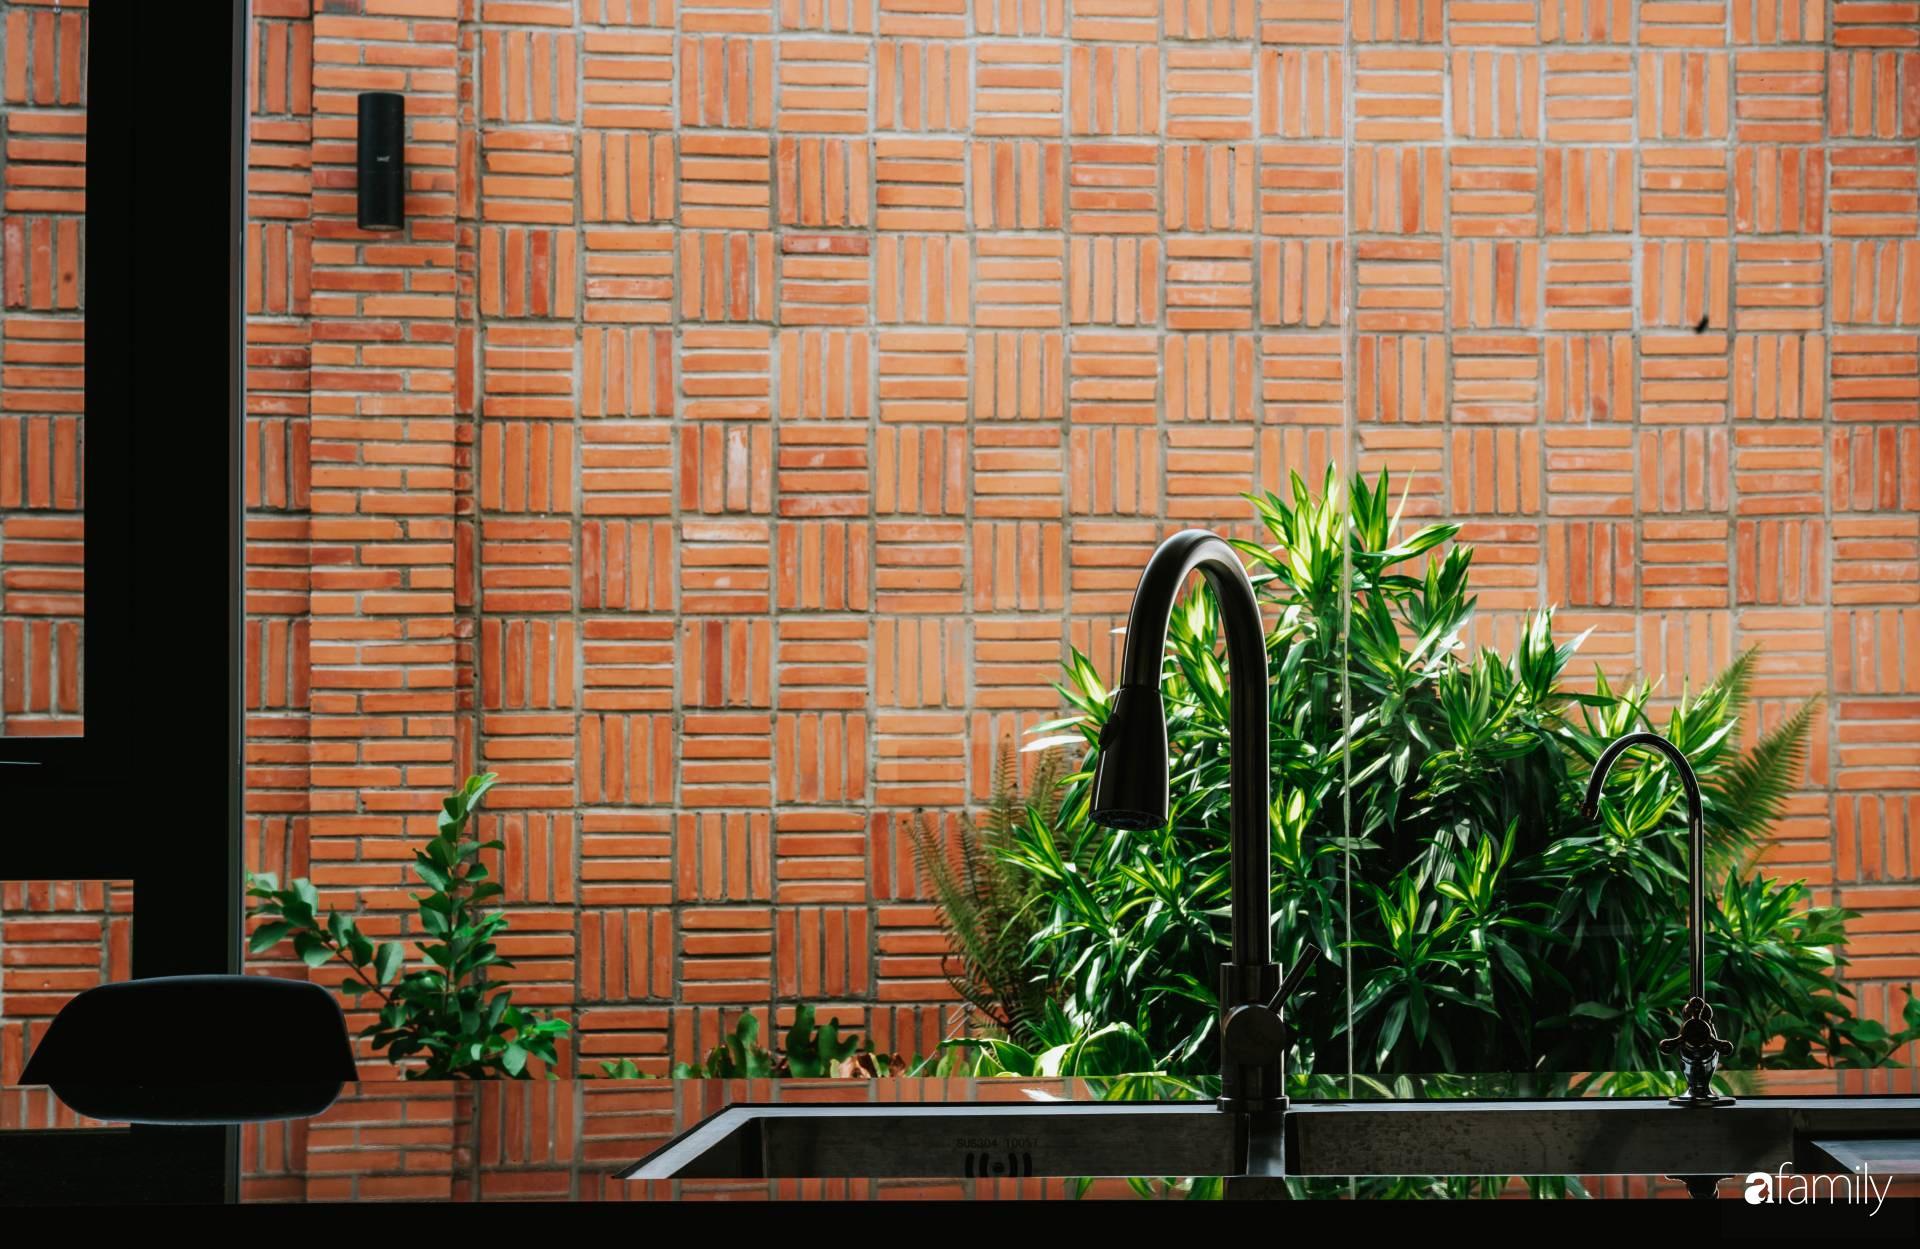 Nhà cấp 4 đẹp như resort 5 sao của đôi vợ chồng trẻ cùng hai cậu con trai nhỏ ở ngoại ô thành phố Biên Hòa, Đồng Nai - Ảnh 10.